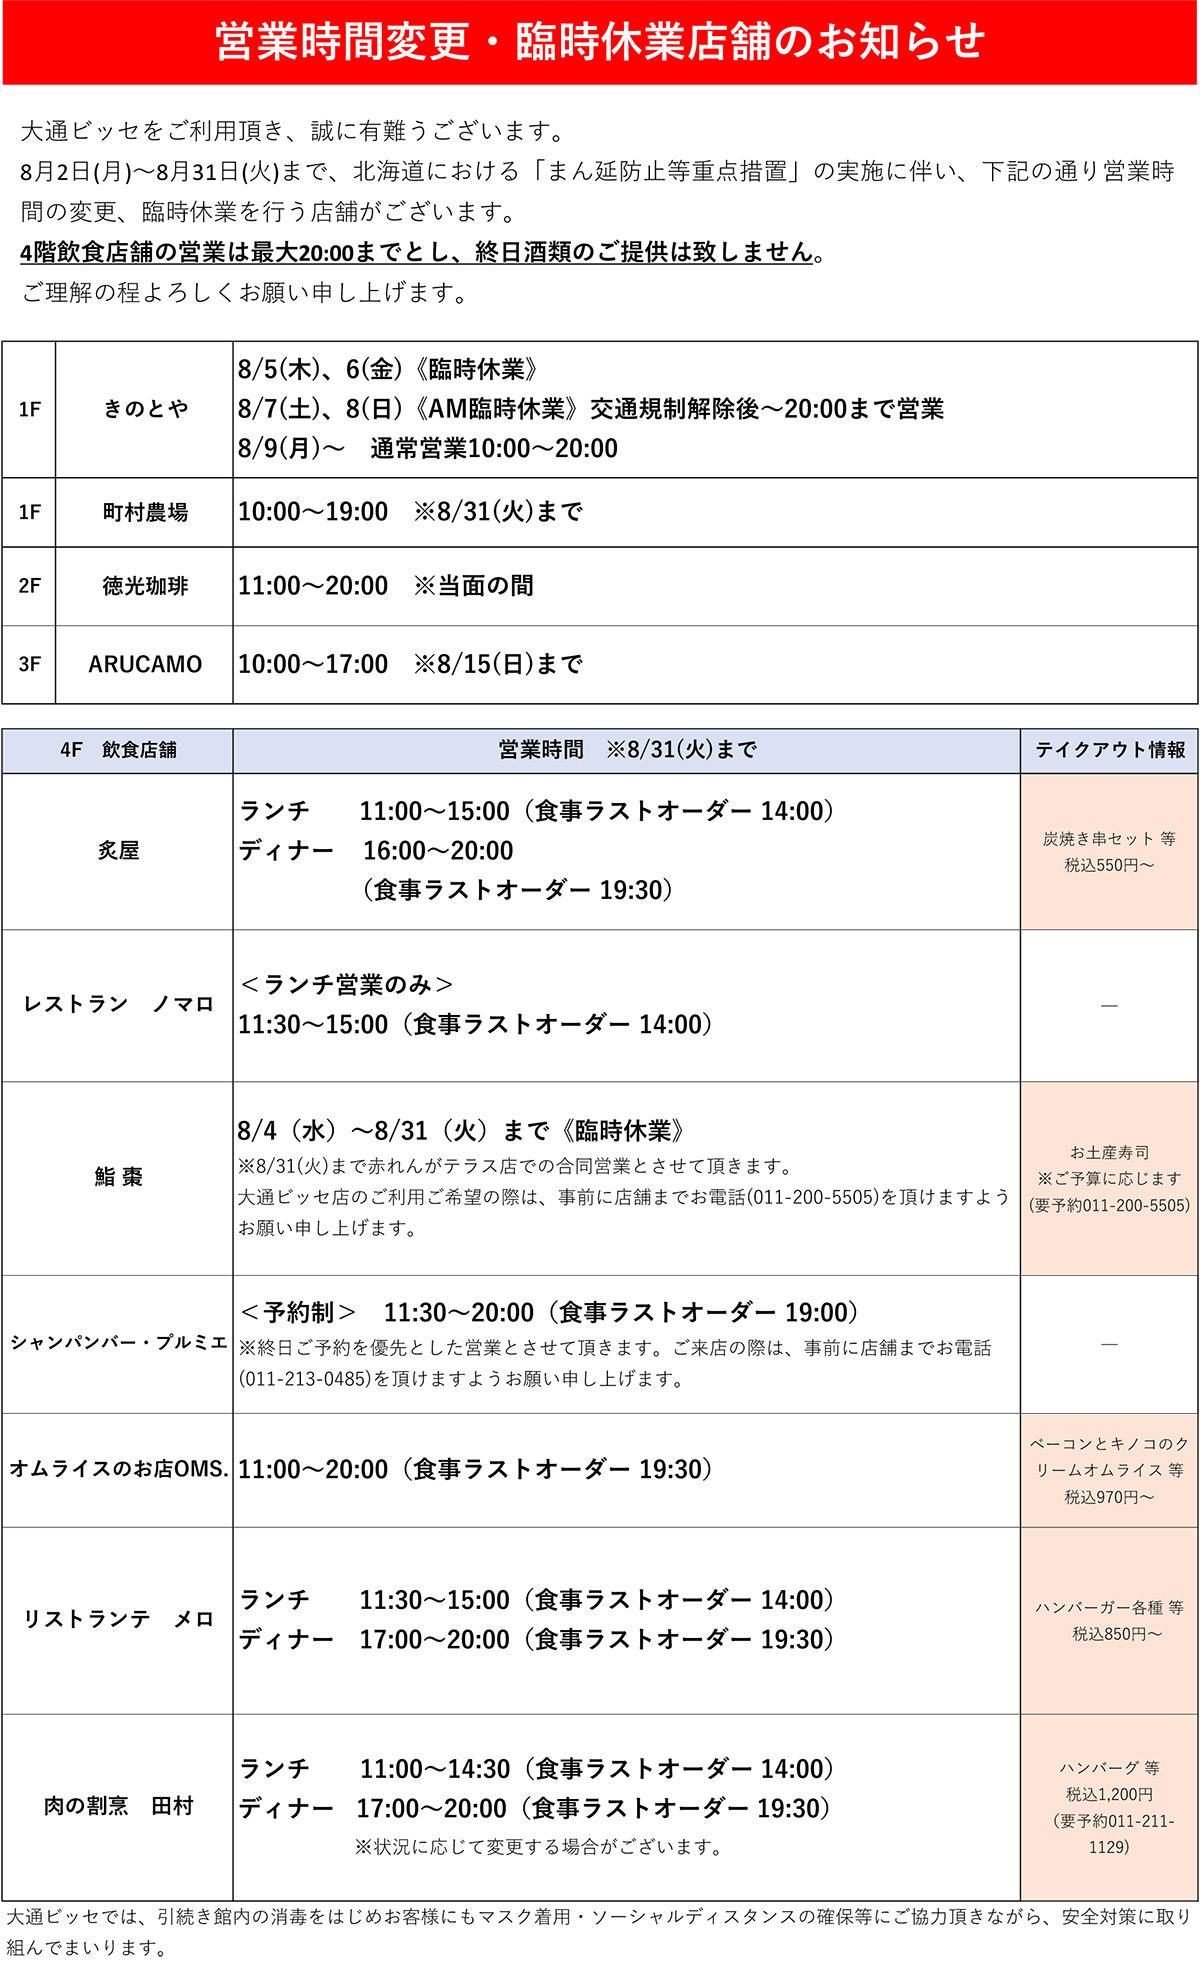 https://www.odori-bisse.com/info/f0bc3d2d43df2baa43d97f2e3b79b0cfdb6b38b3.jpg